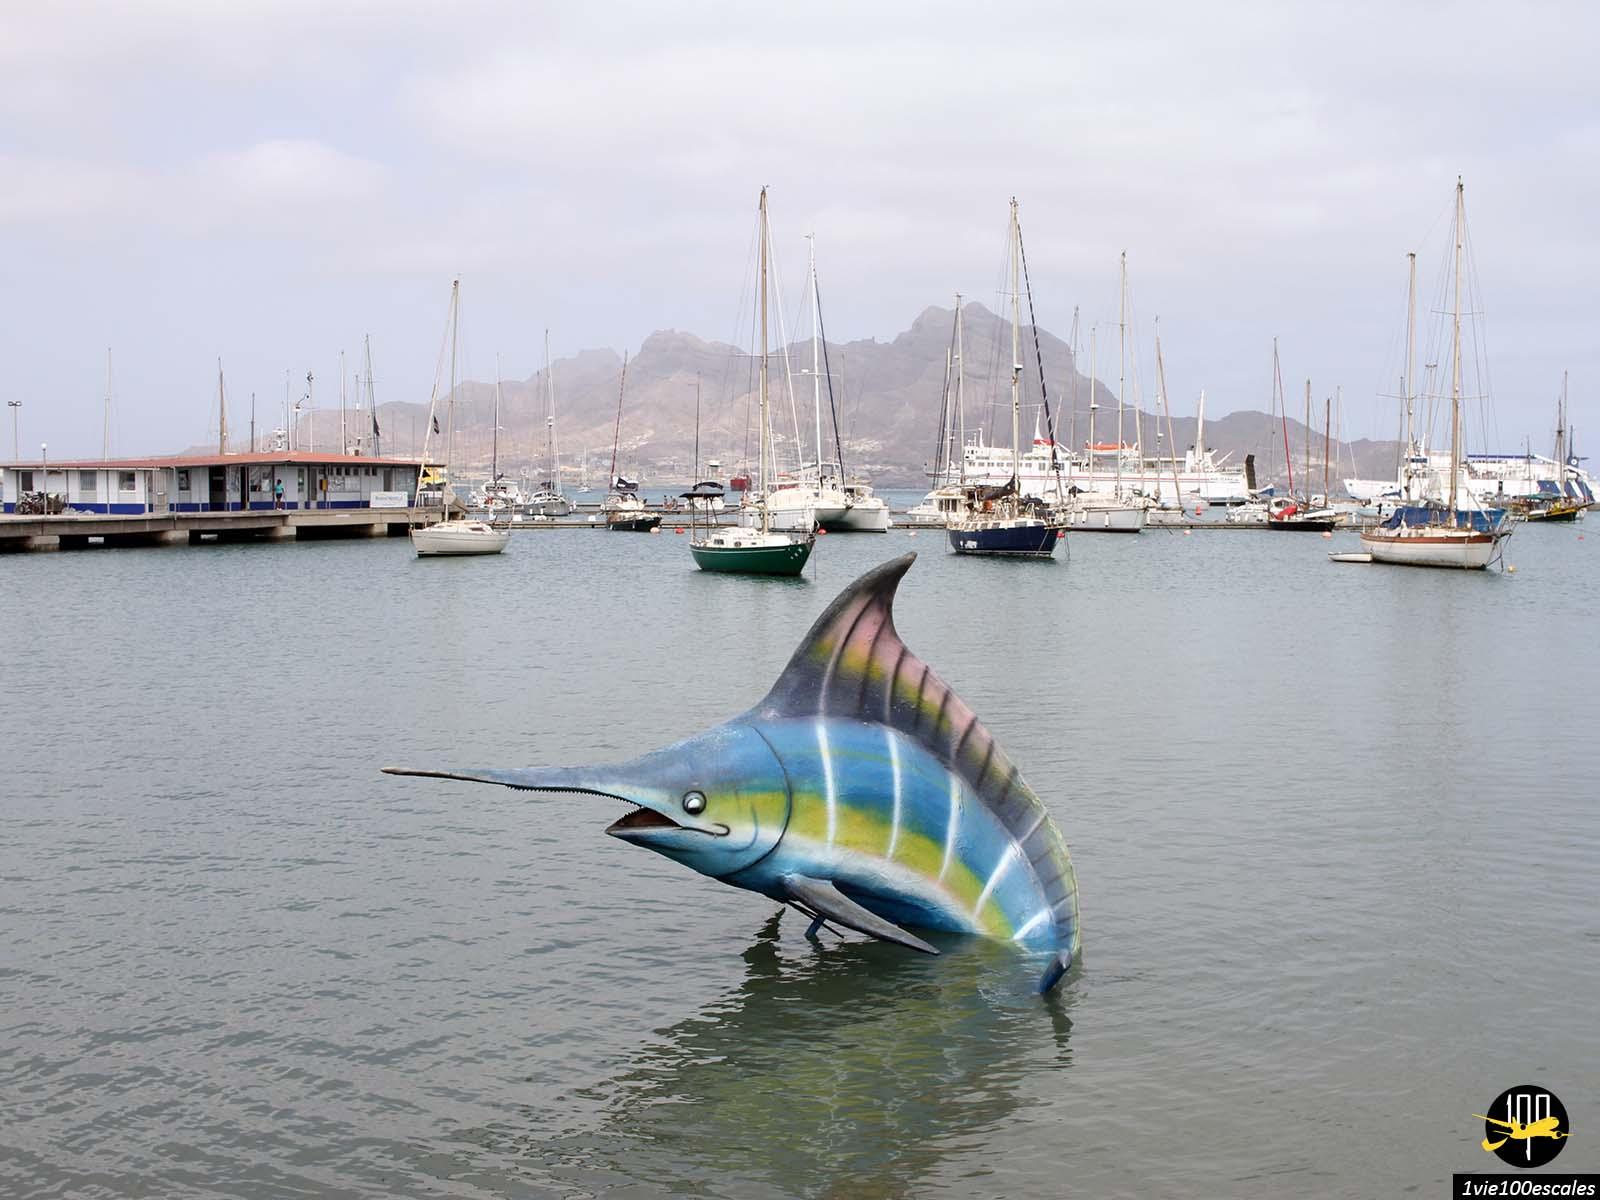 Le port de Mindelo sur l'île de Sao Vicente au Cap-Vert